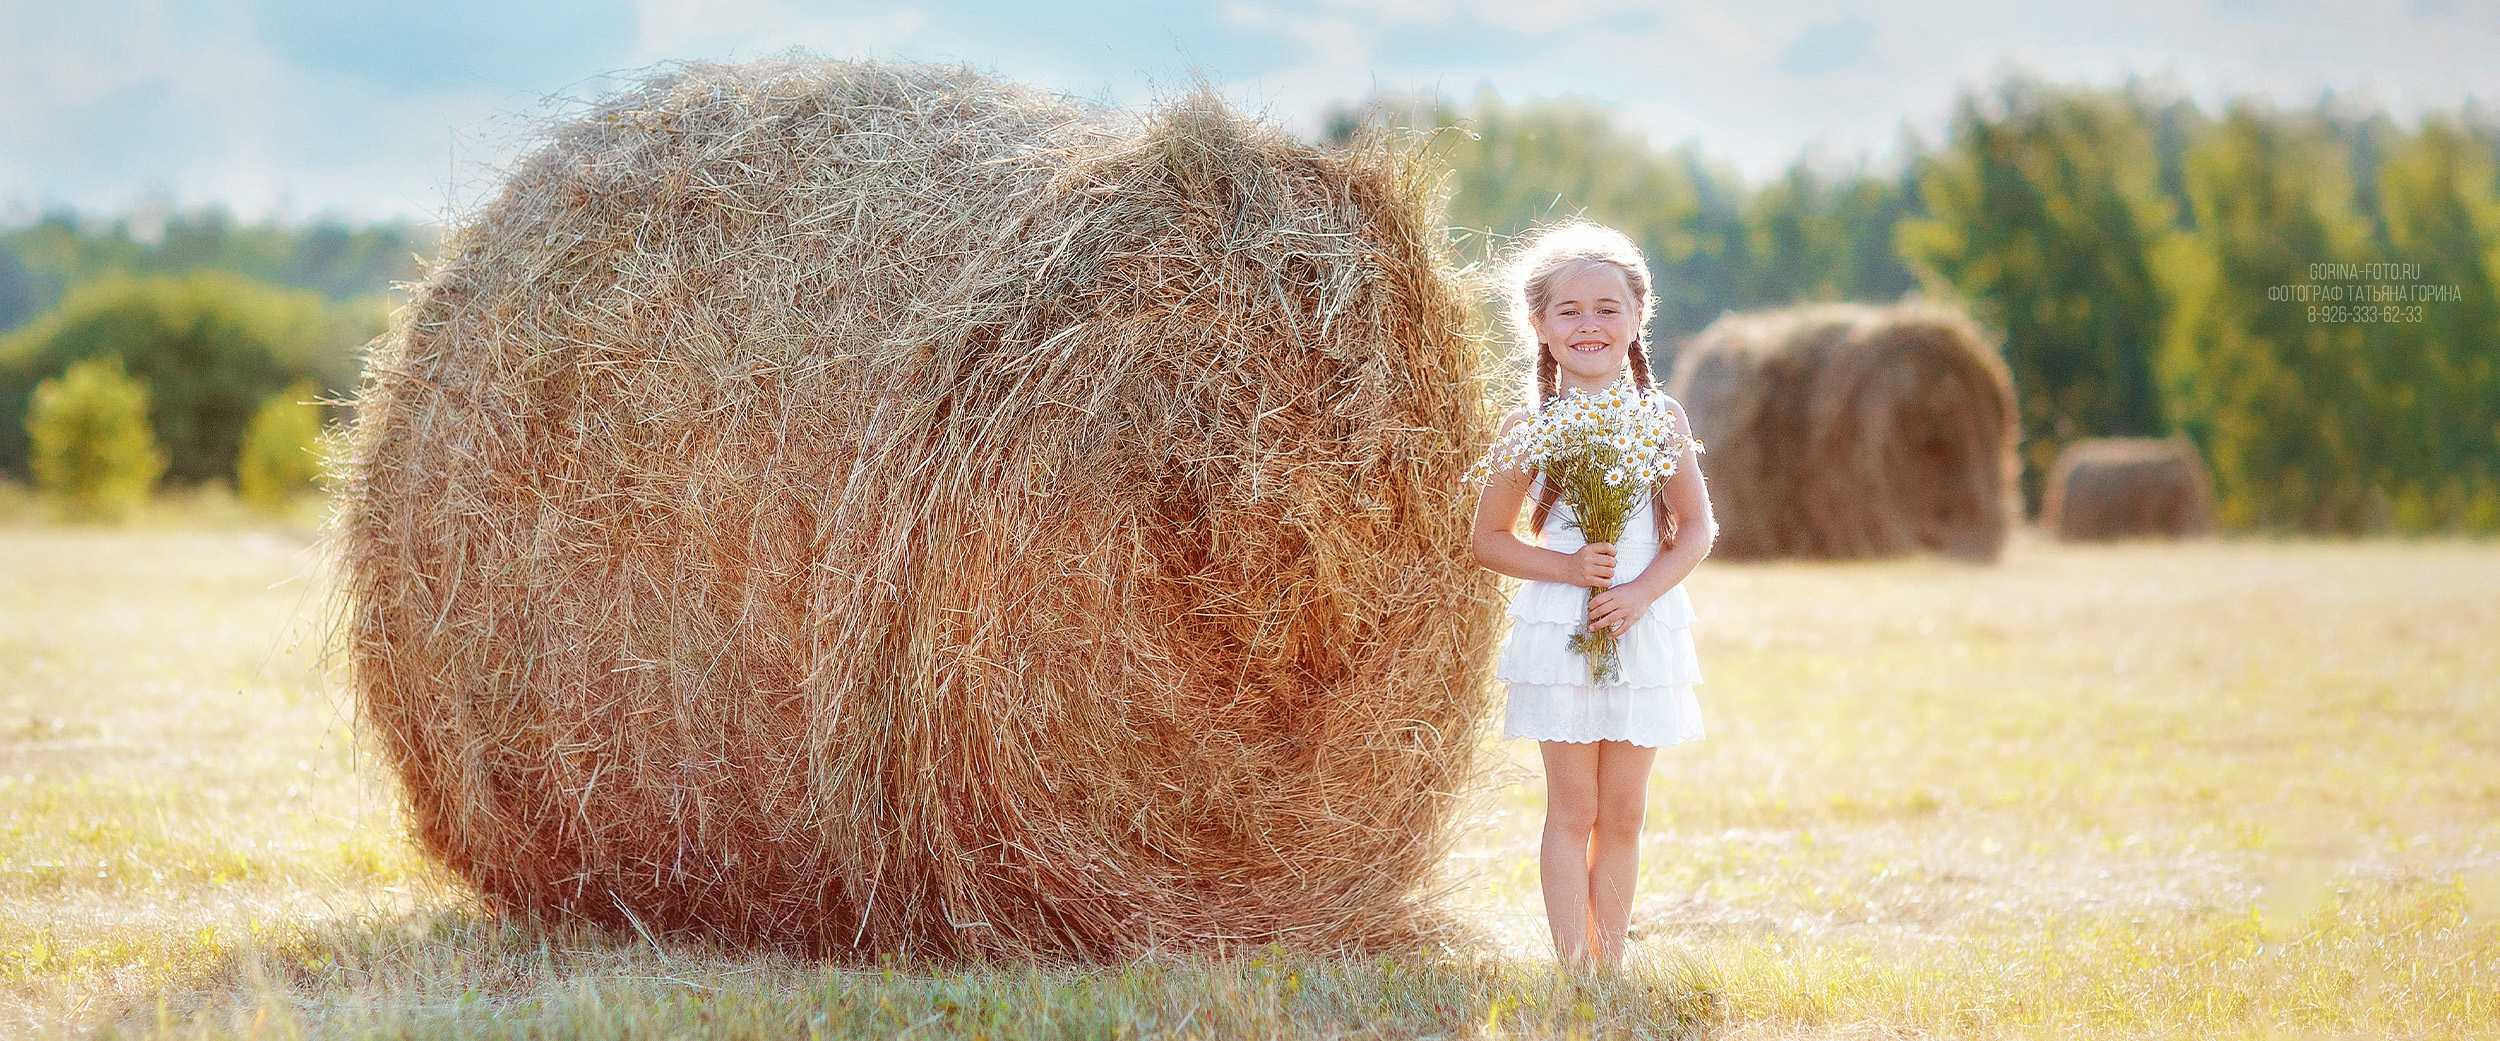 Осенние фотосессии. Детский и семейный фотограф Татьяна Горина.